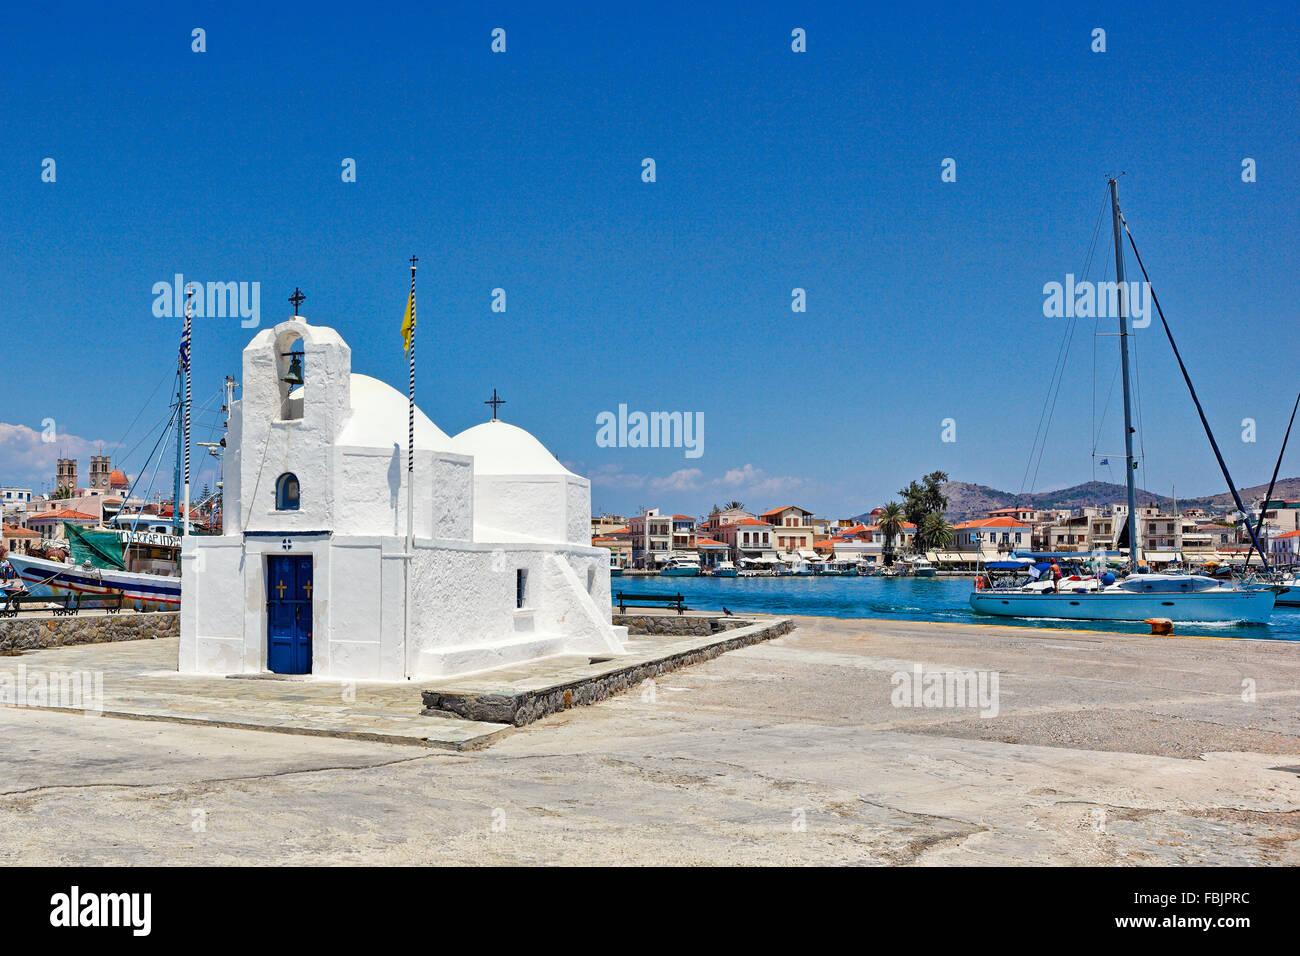 The church Agios Nikolaos in the port of Aegina island, Greece - Stock Image